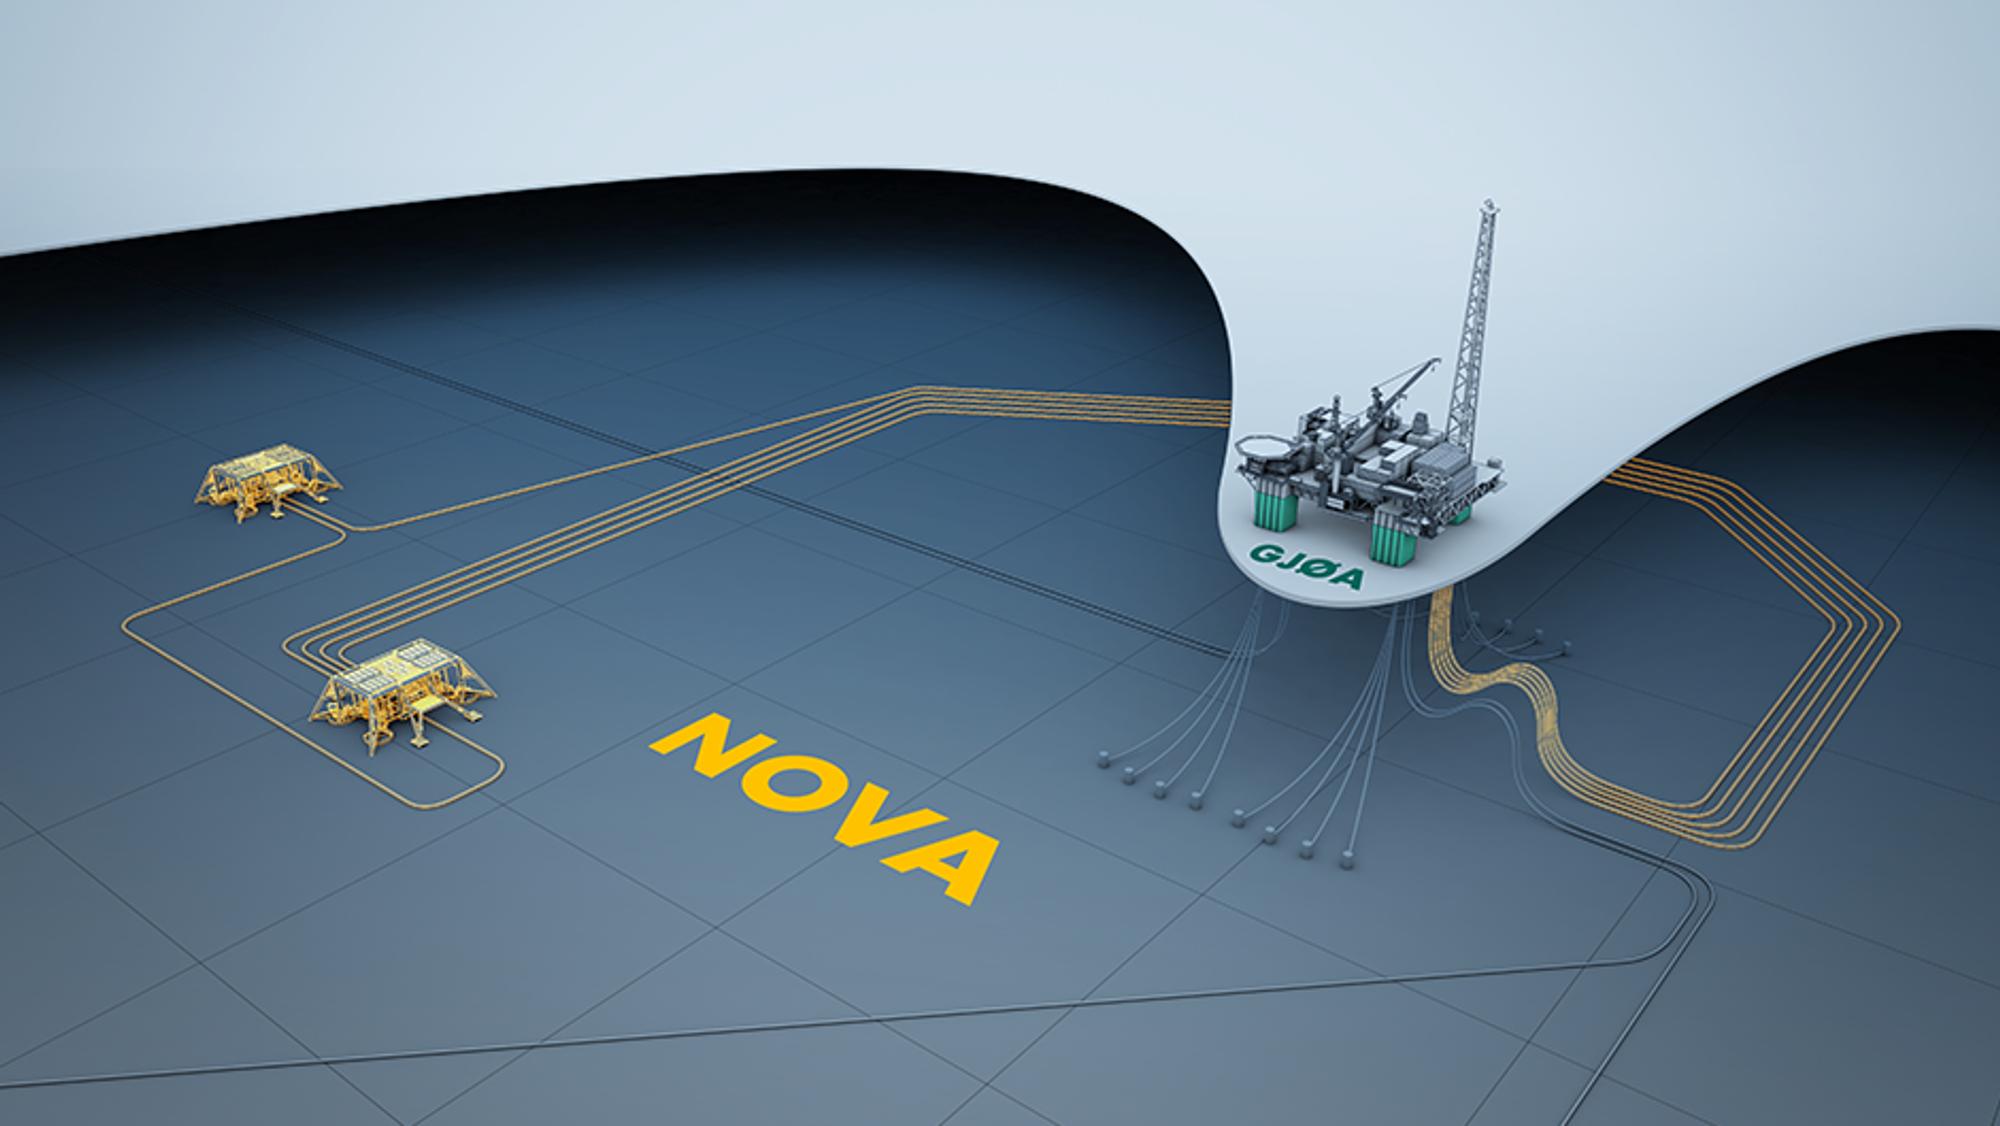 Nova bygges ut med to havbunnsrammer, tilknyttet Gjøa-plattformen i Nordsjøen.